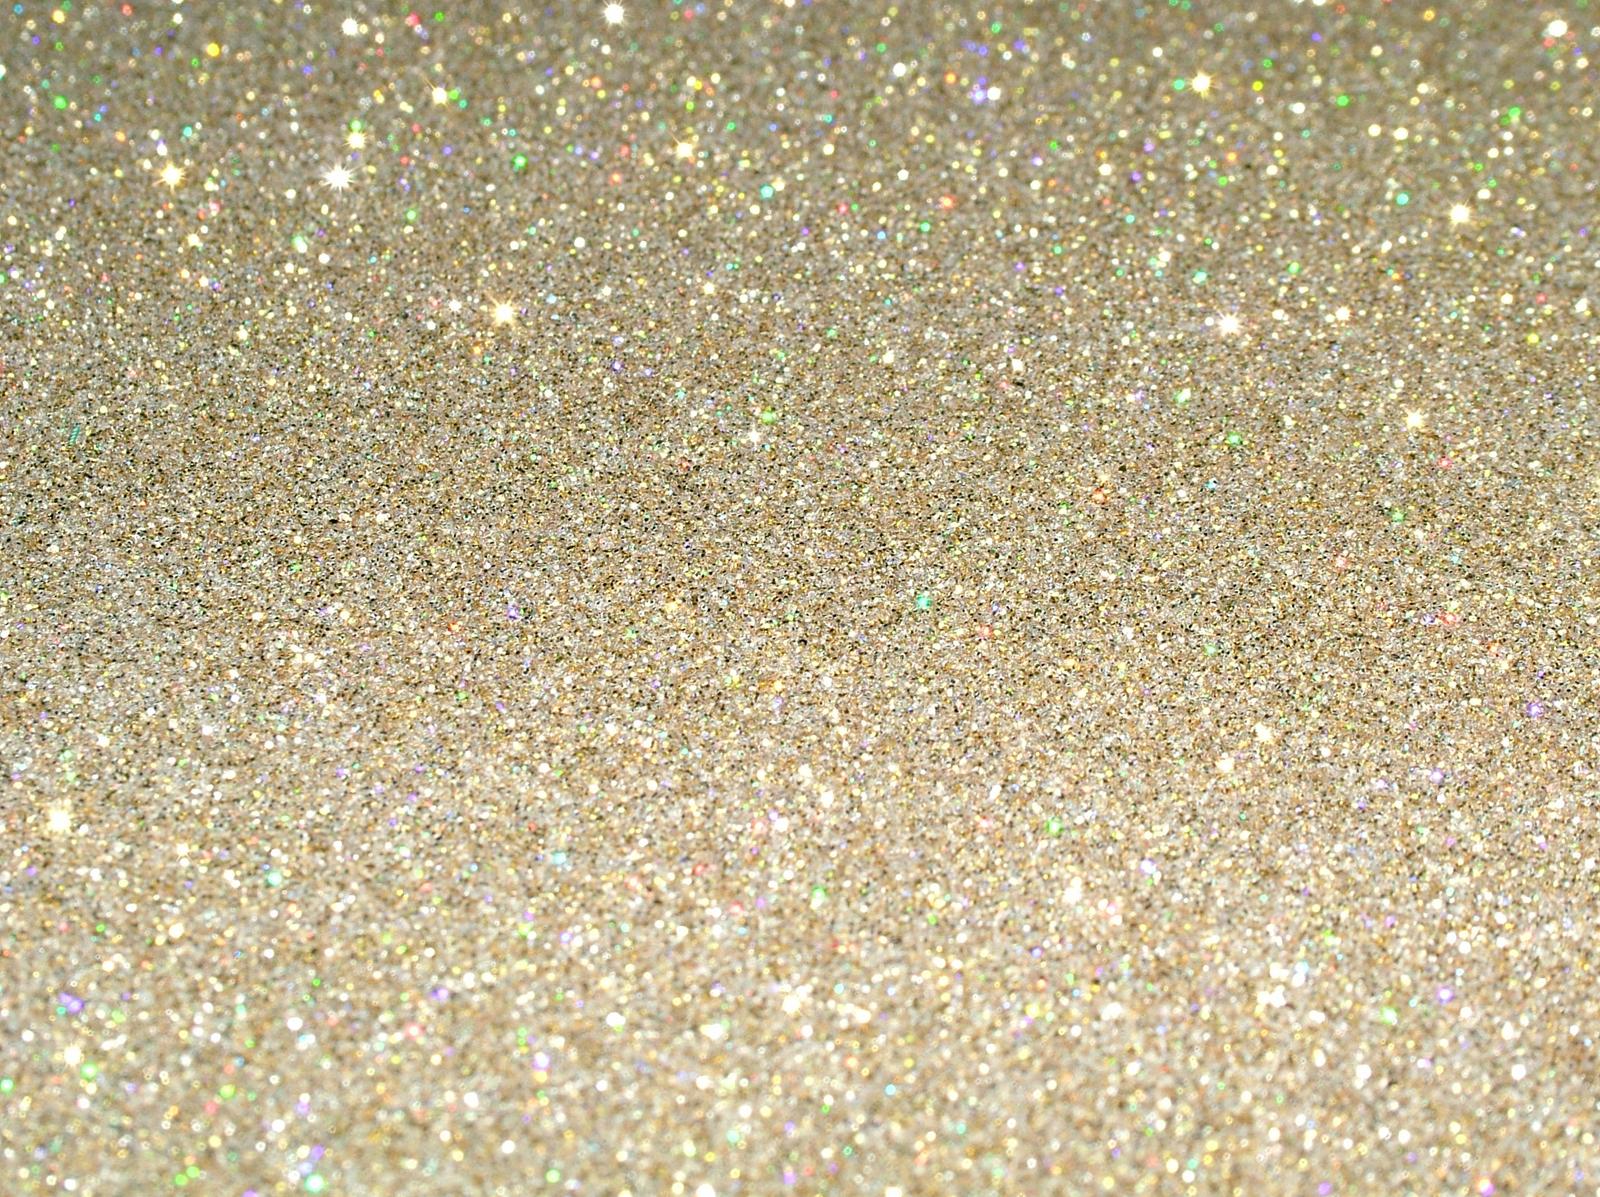 Gold Glitter Tumblr 1600x1197